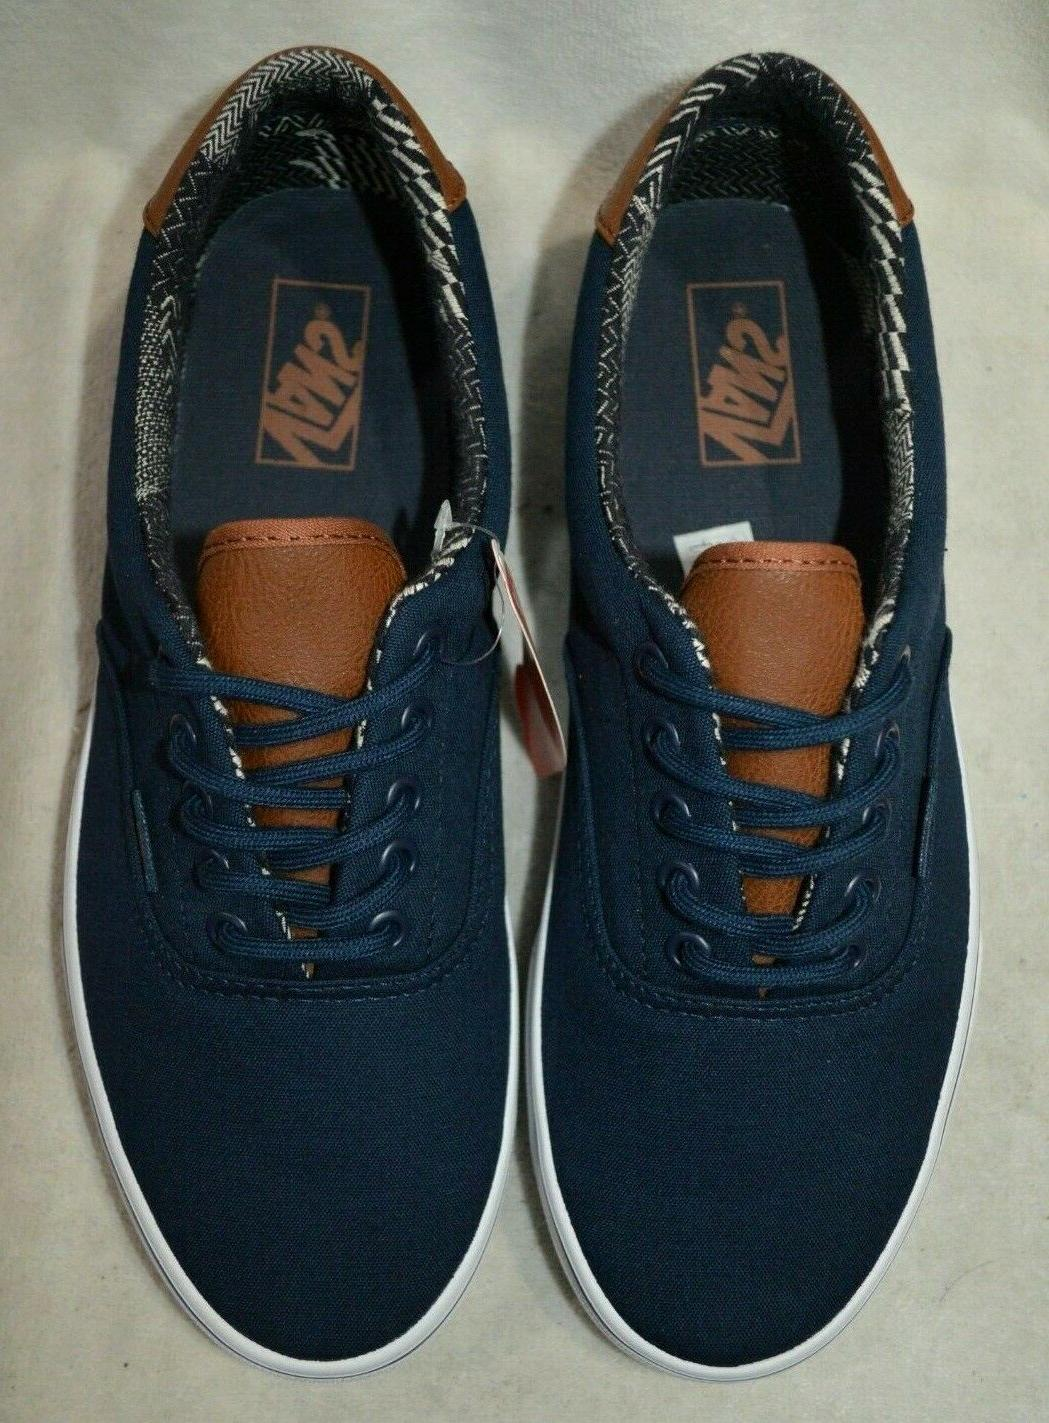 Vans Men's C&L Era 59 Blue Mix Skate NB